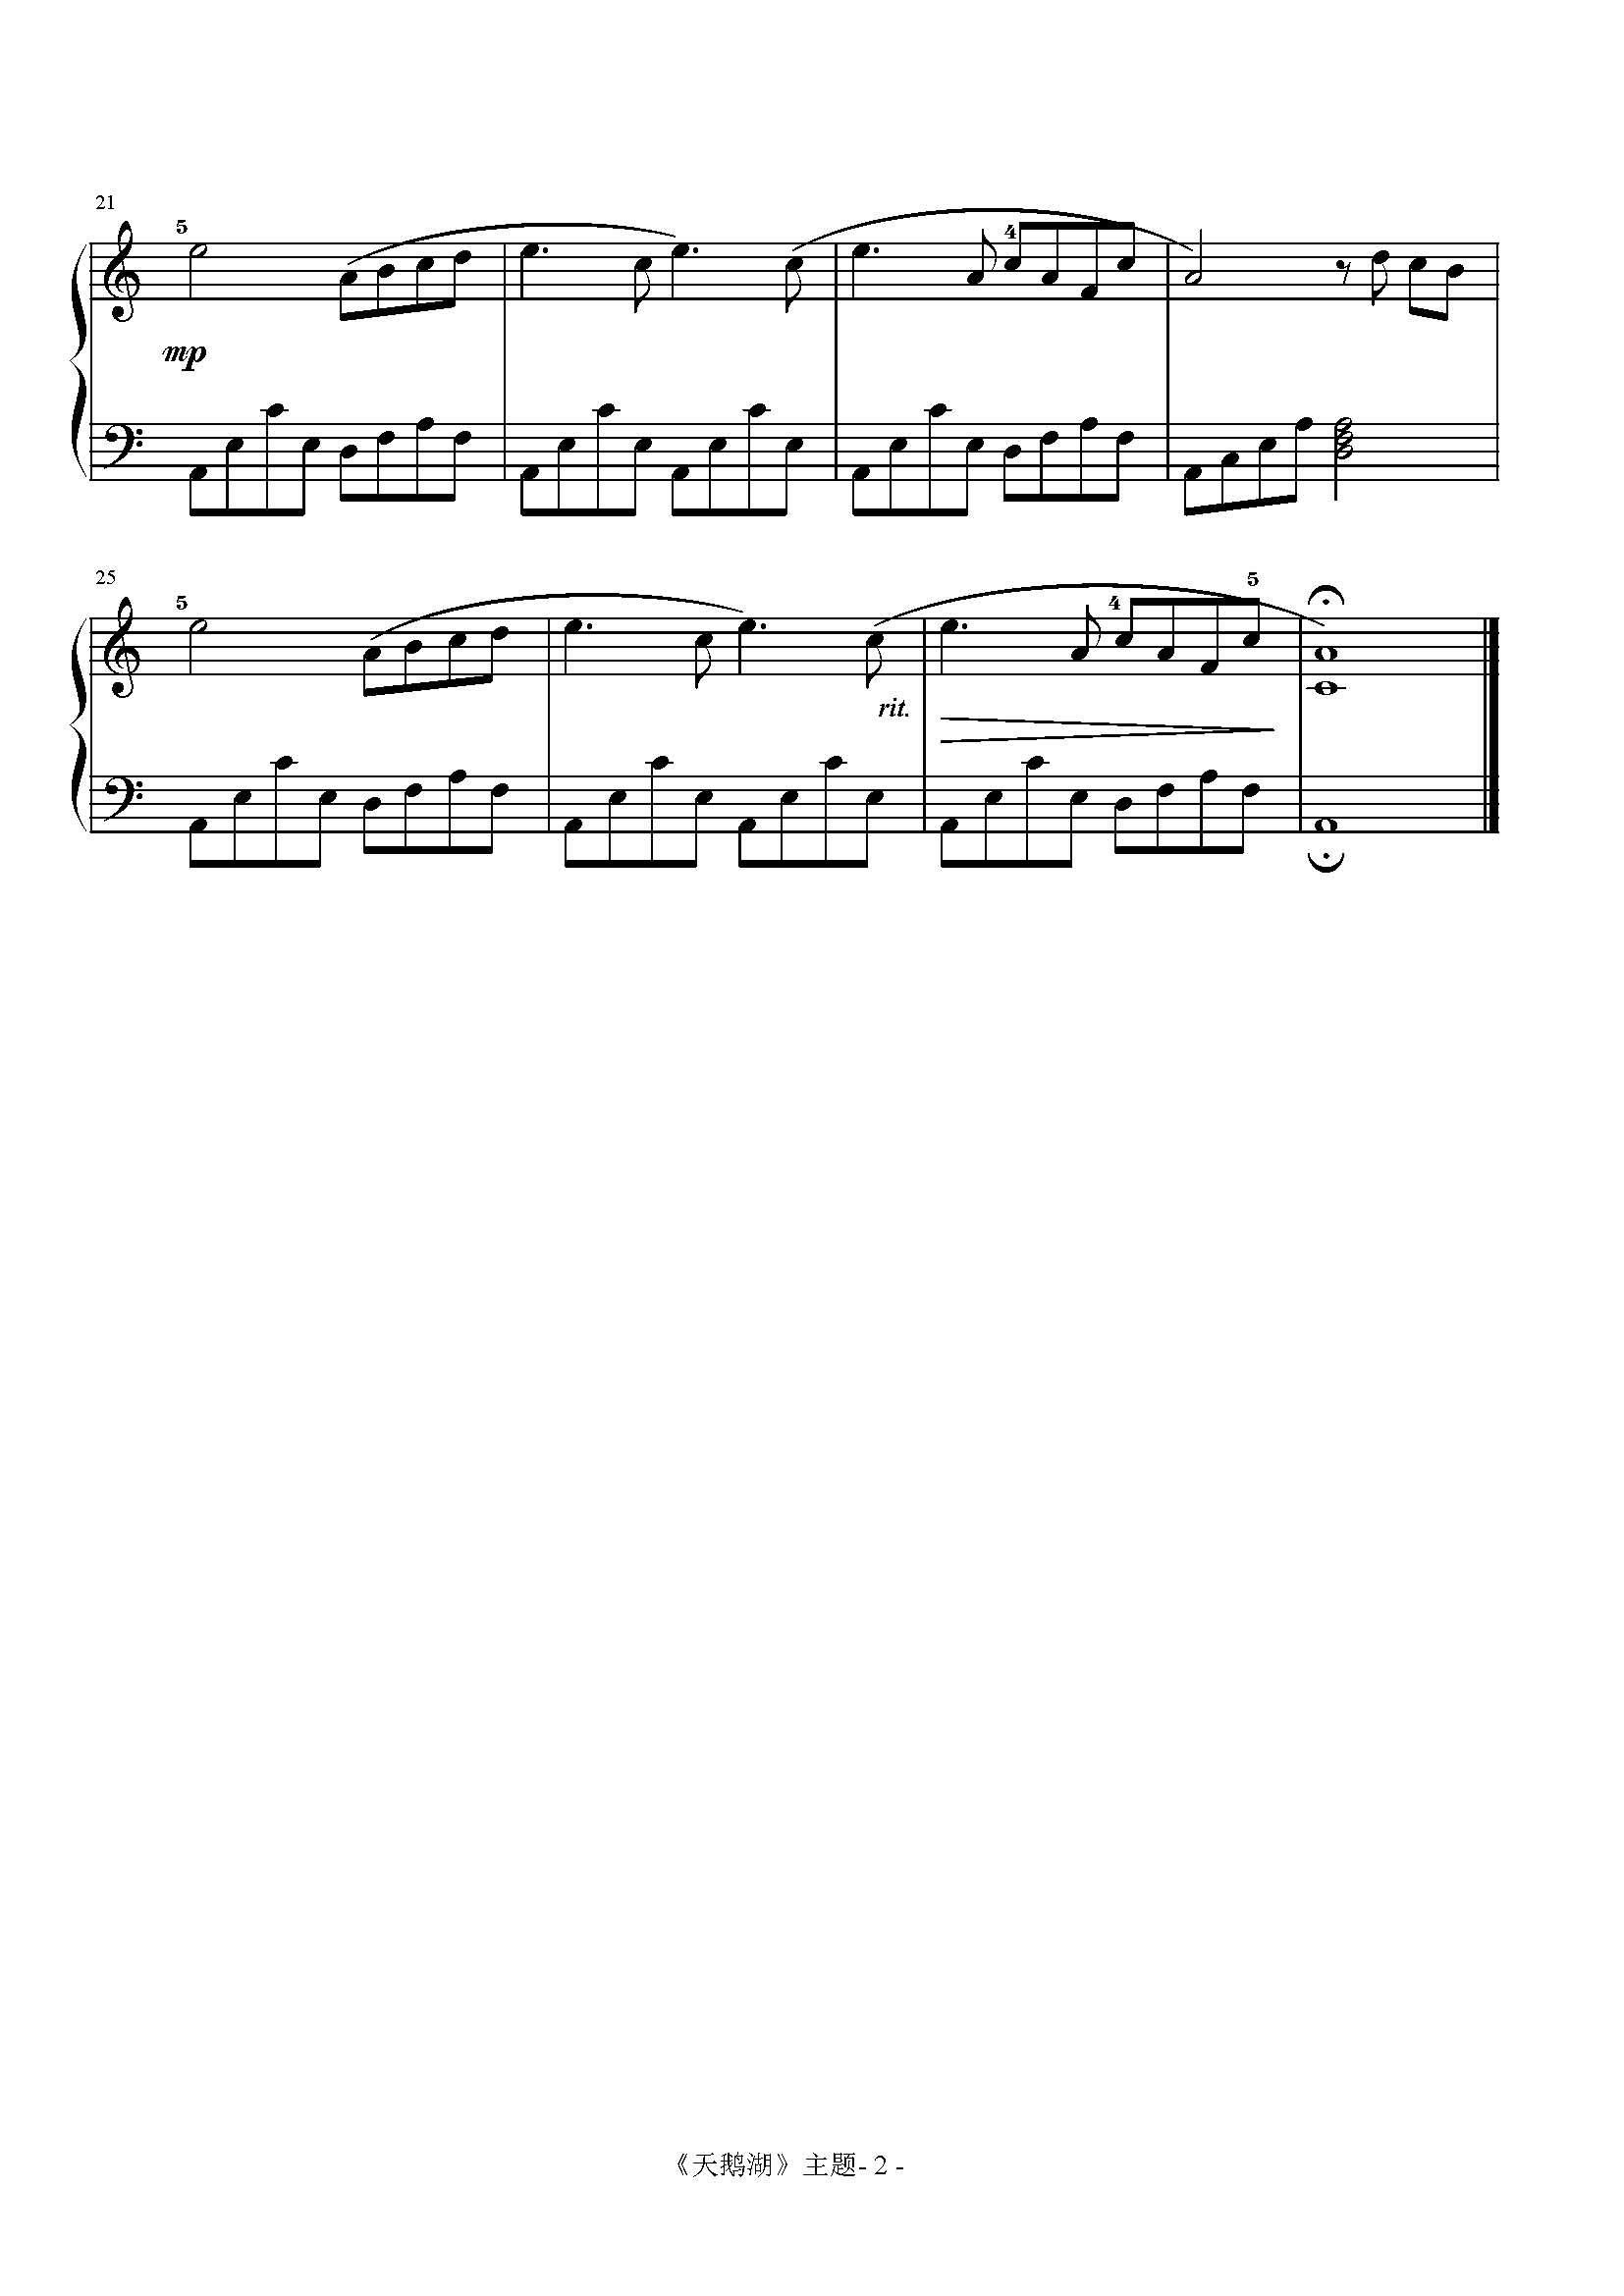 天鹅湖的钢琴谱